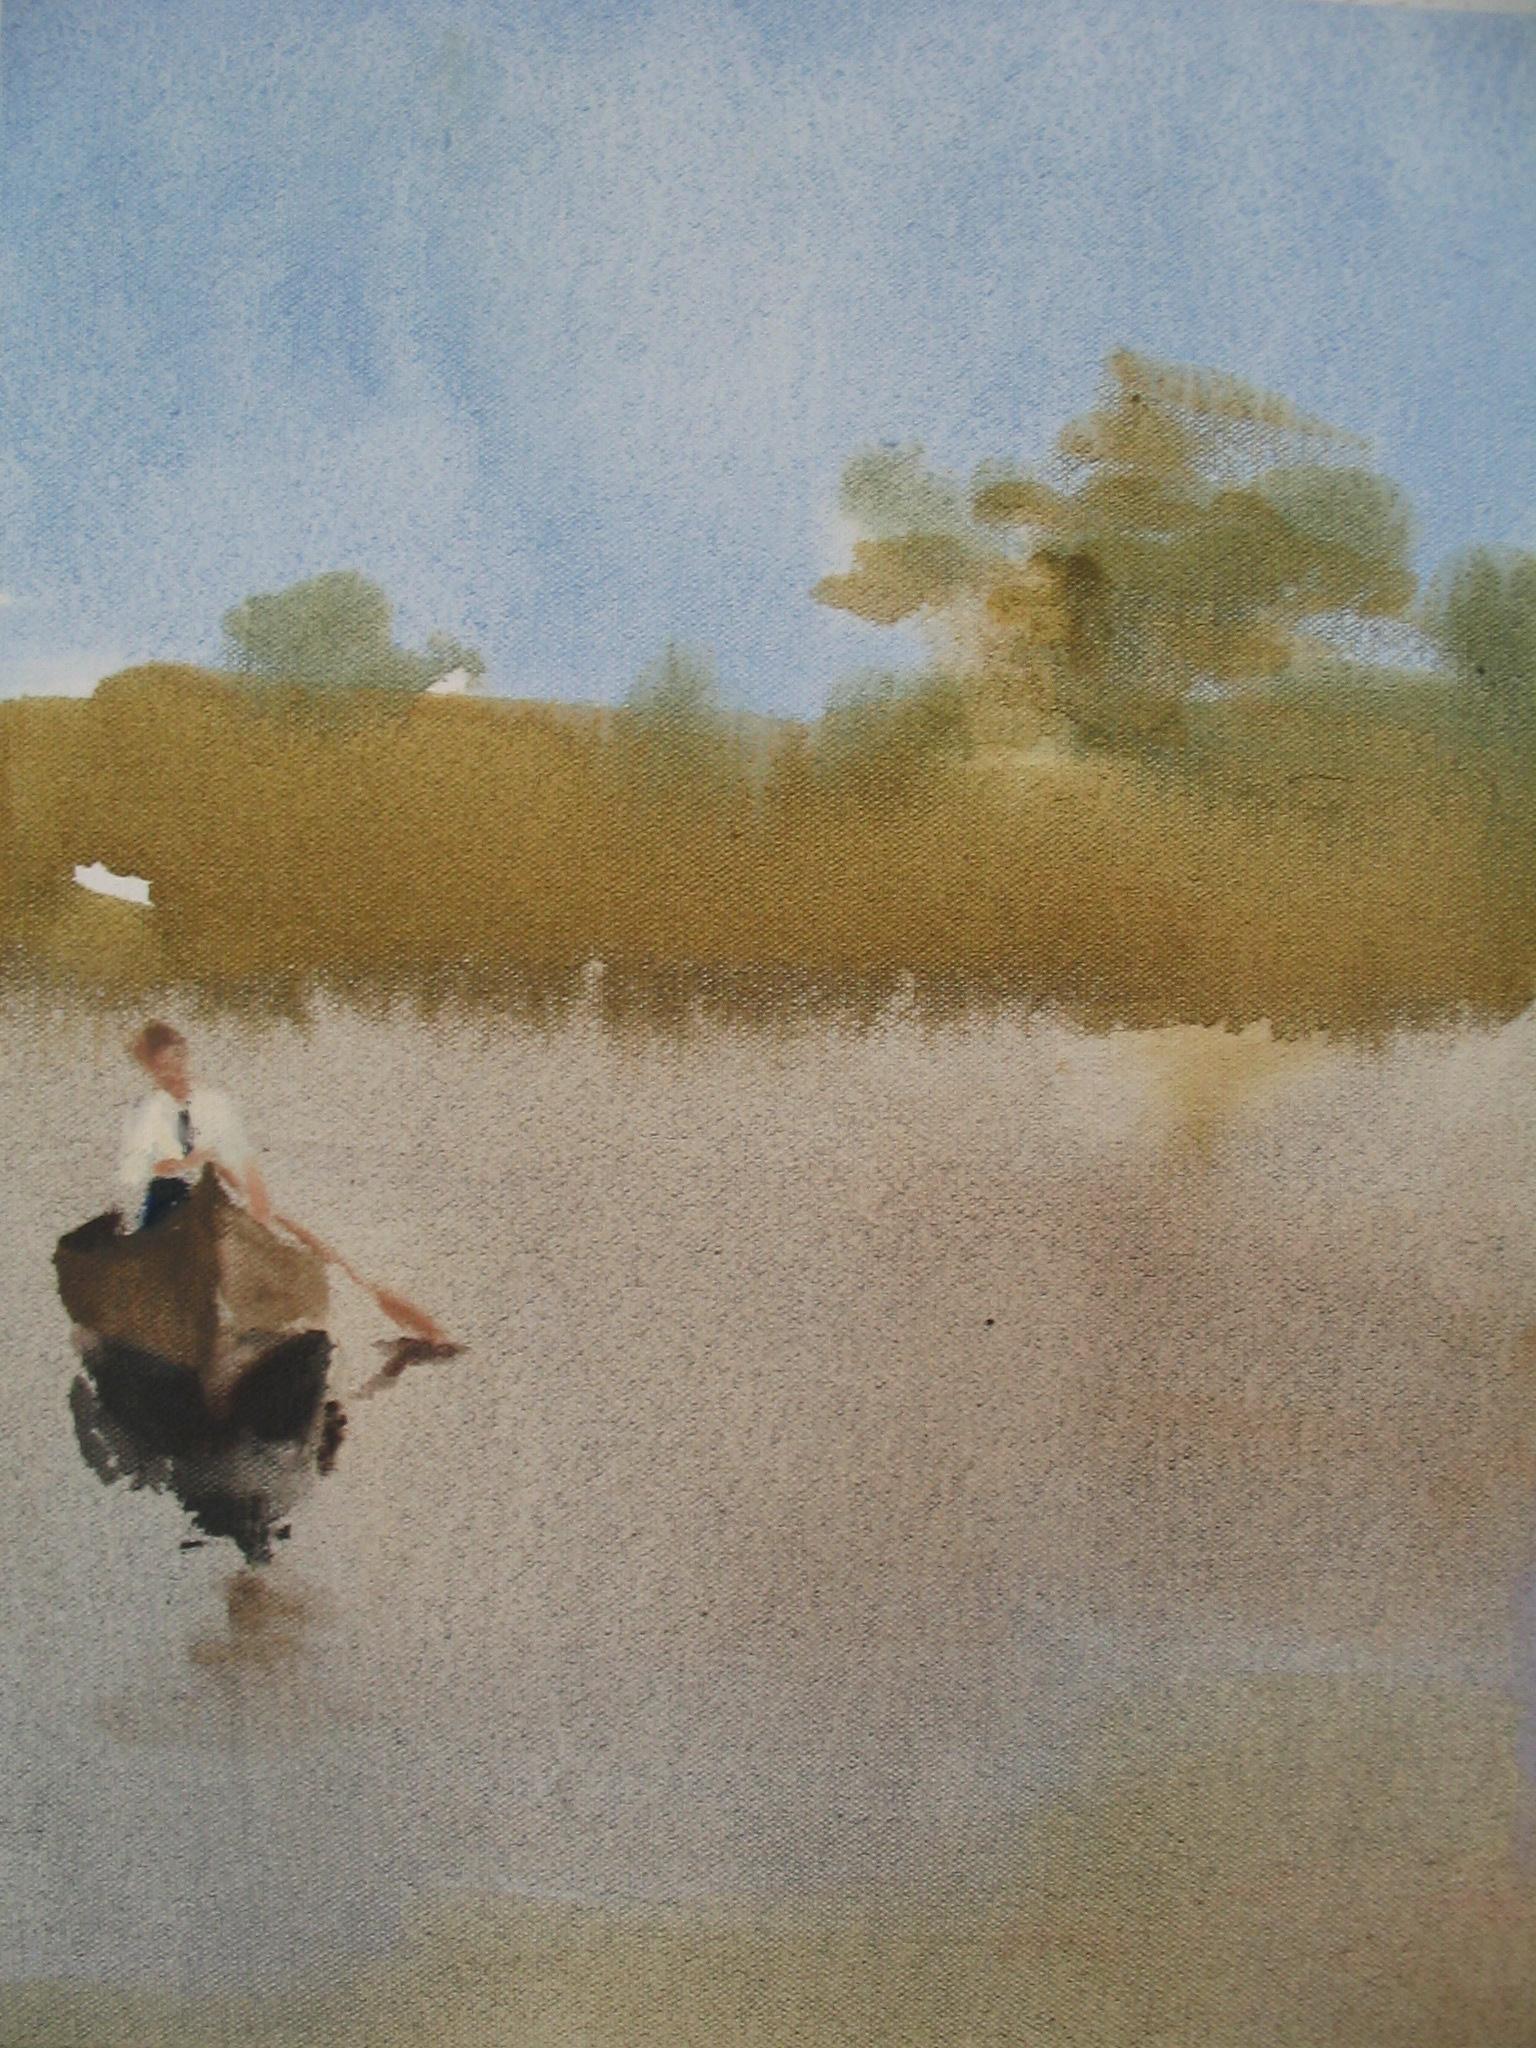 Hush  (canoe)  14 x 11 in.